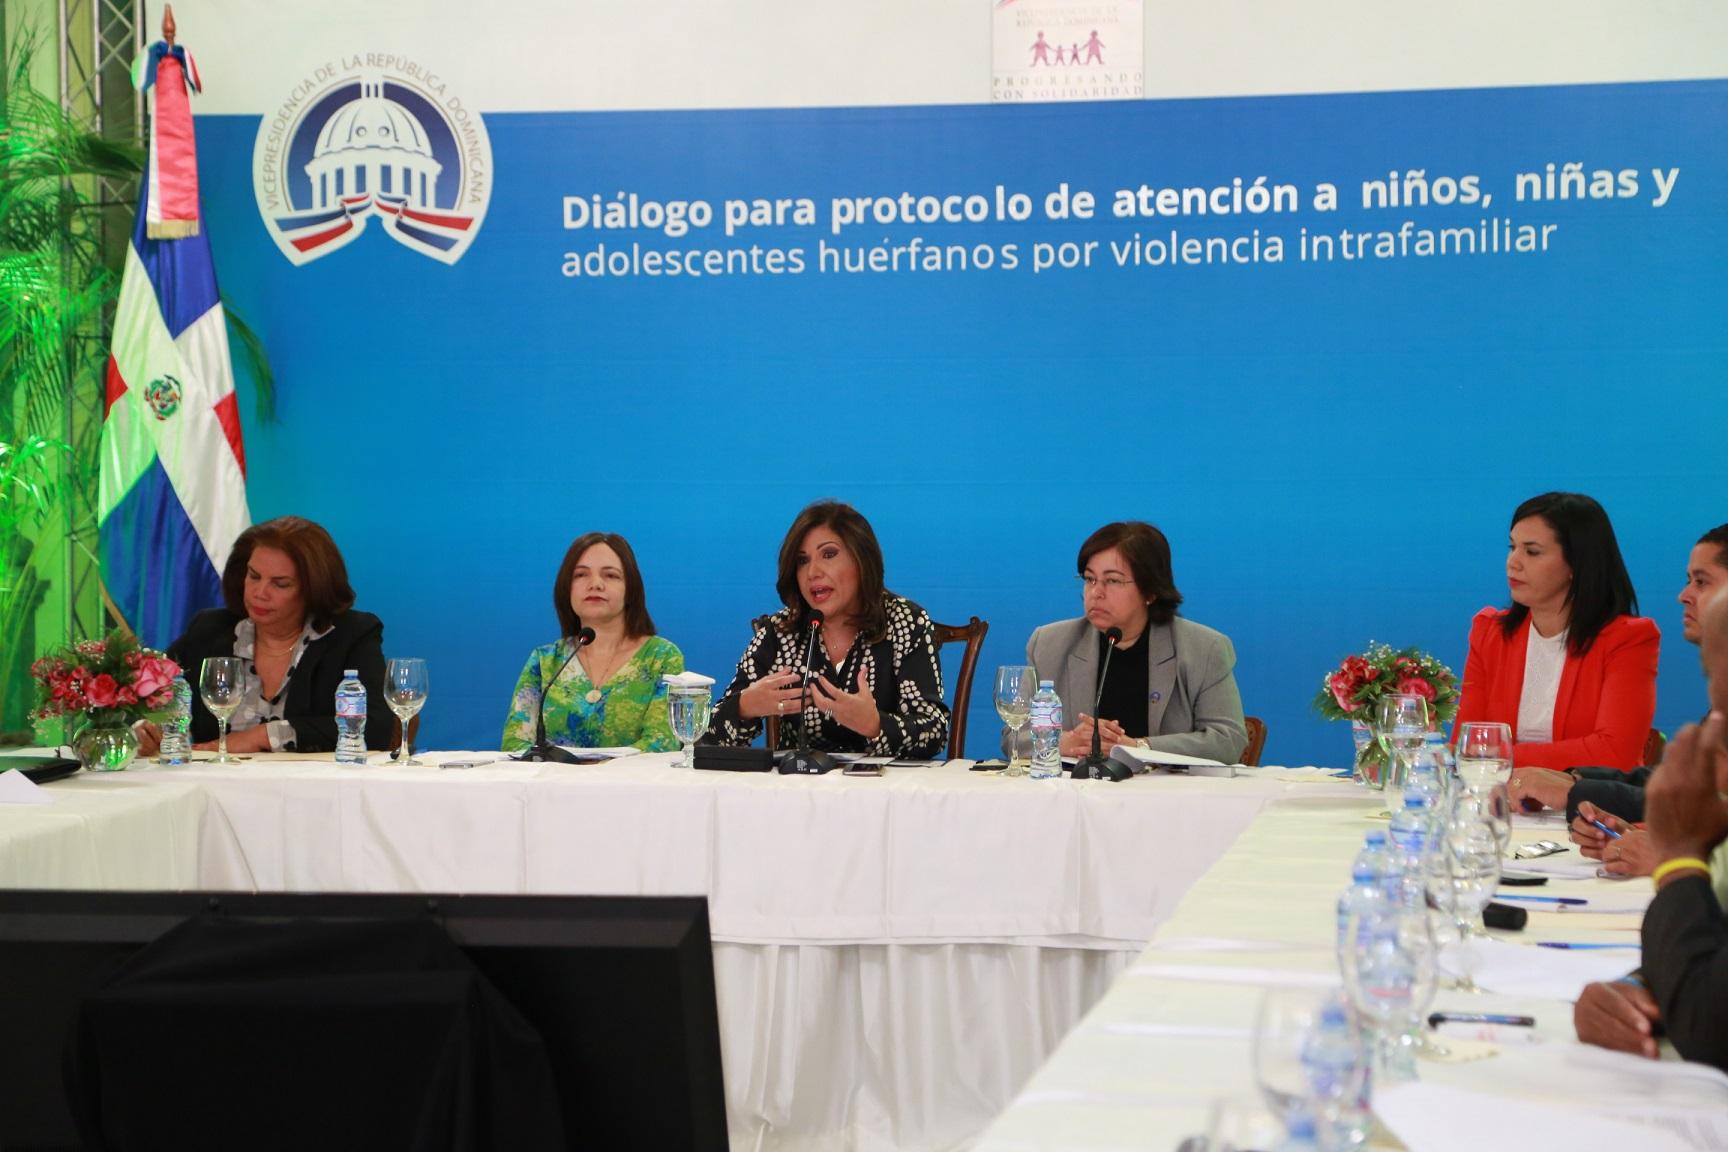 Vicepresidenta propone protocolo para intervenir huérfanos por la violencia intrafamiliar